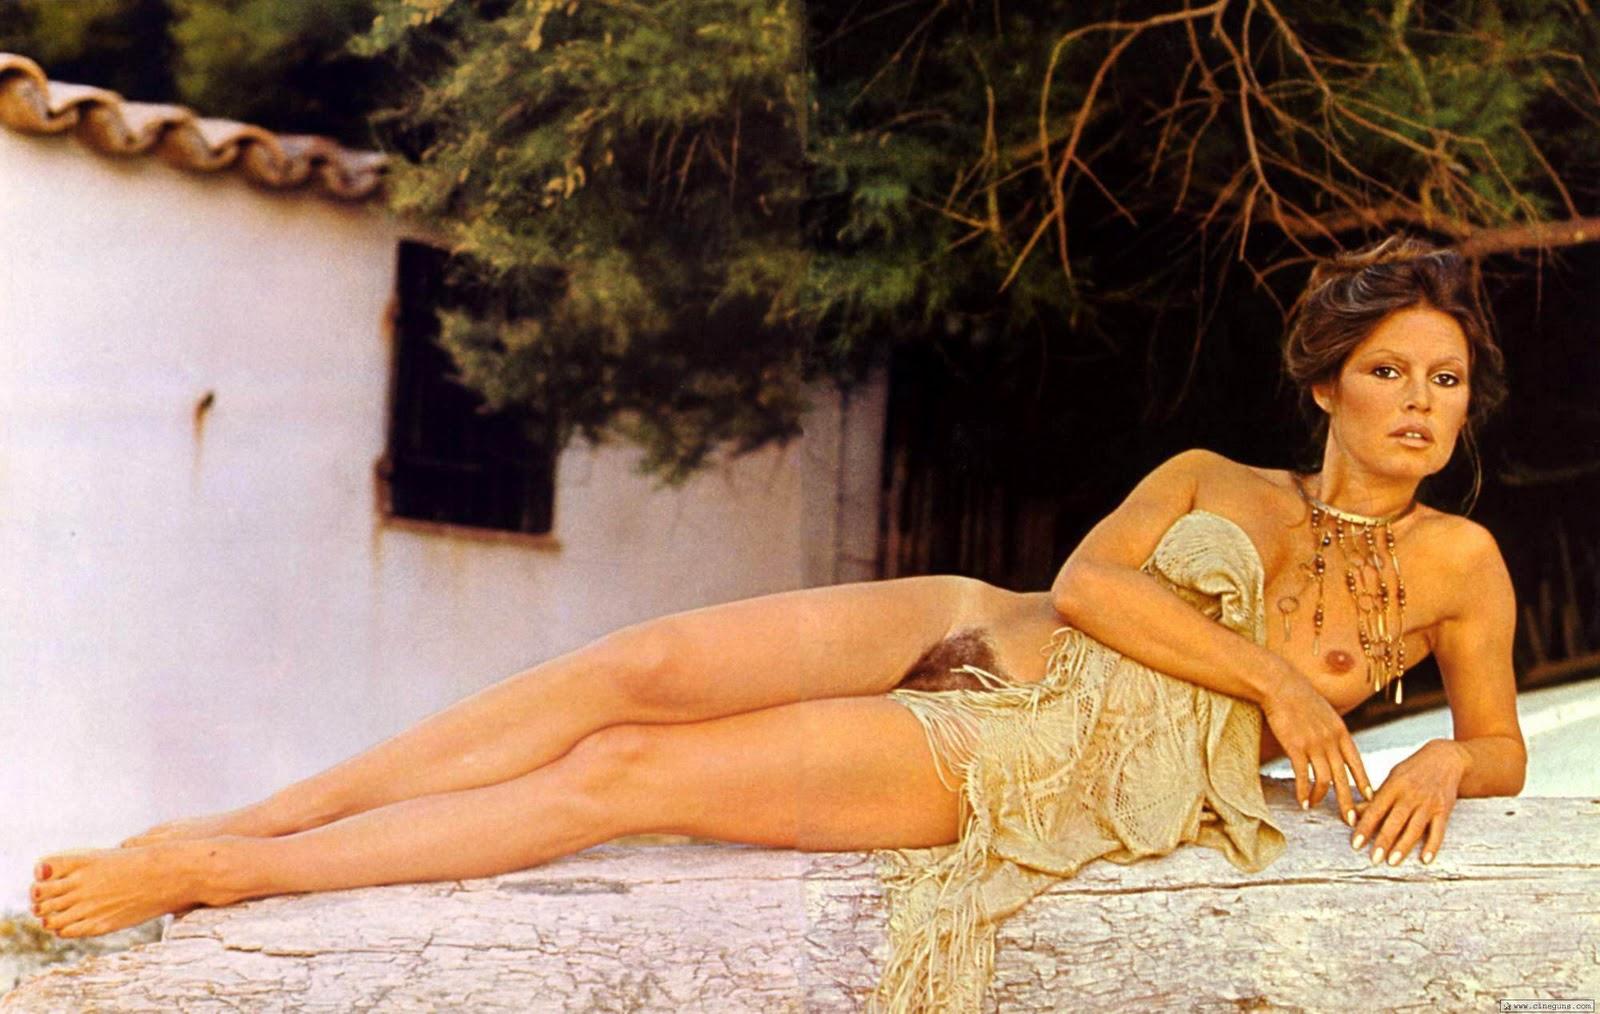 Brigitte Naked 88